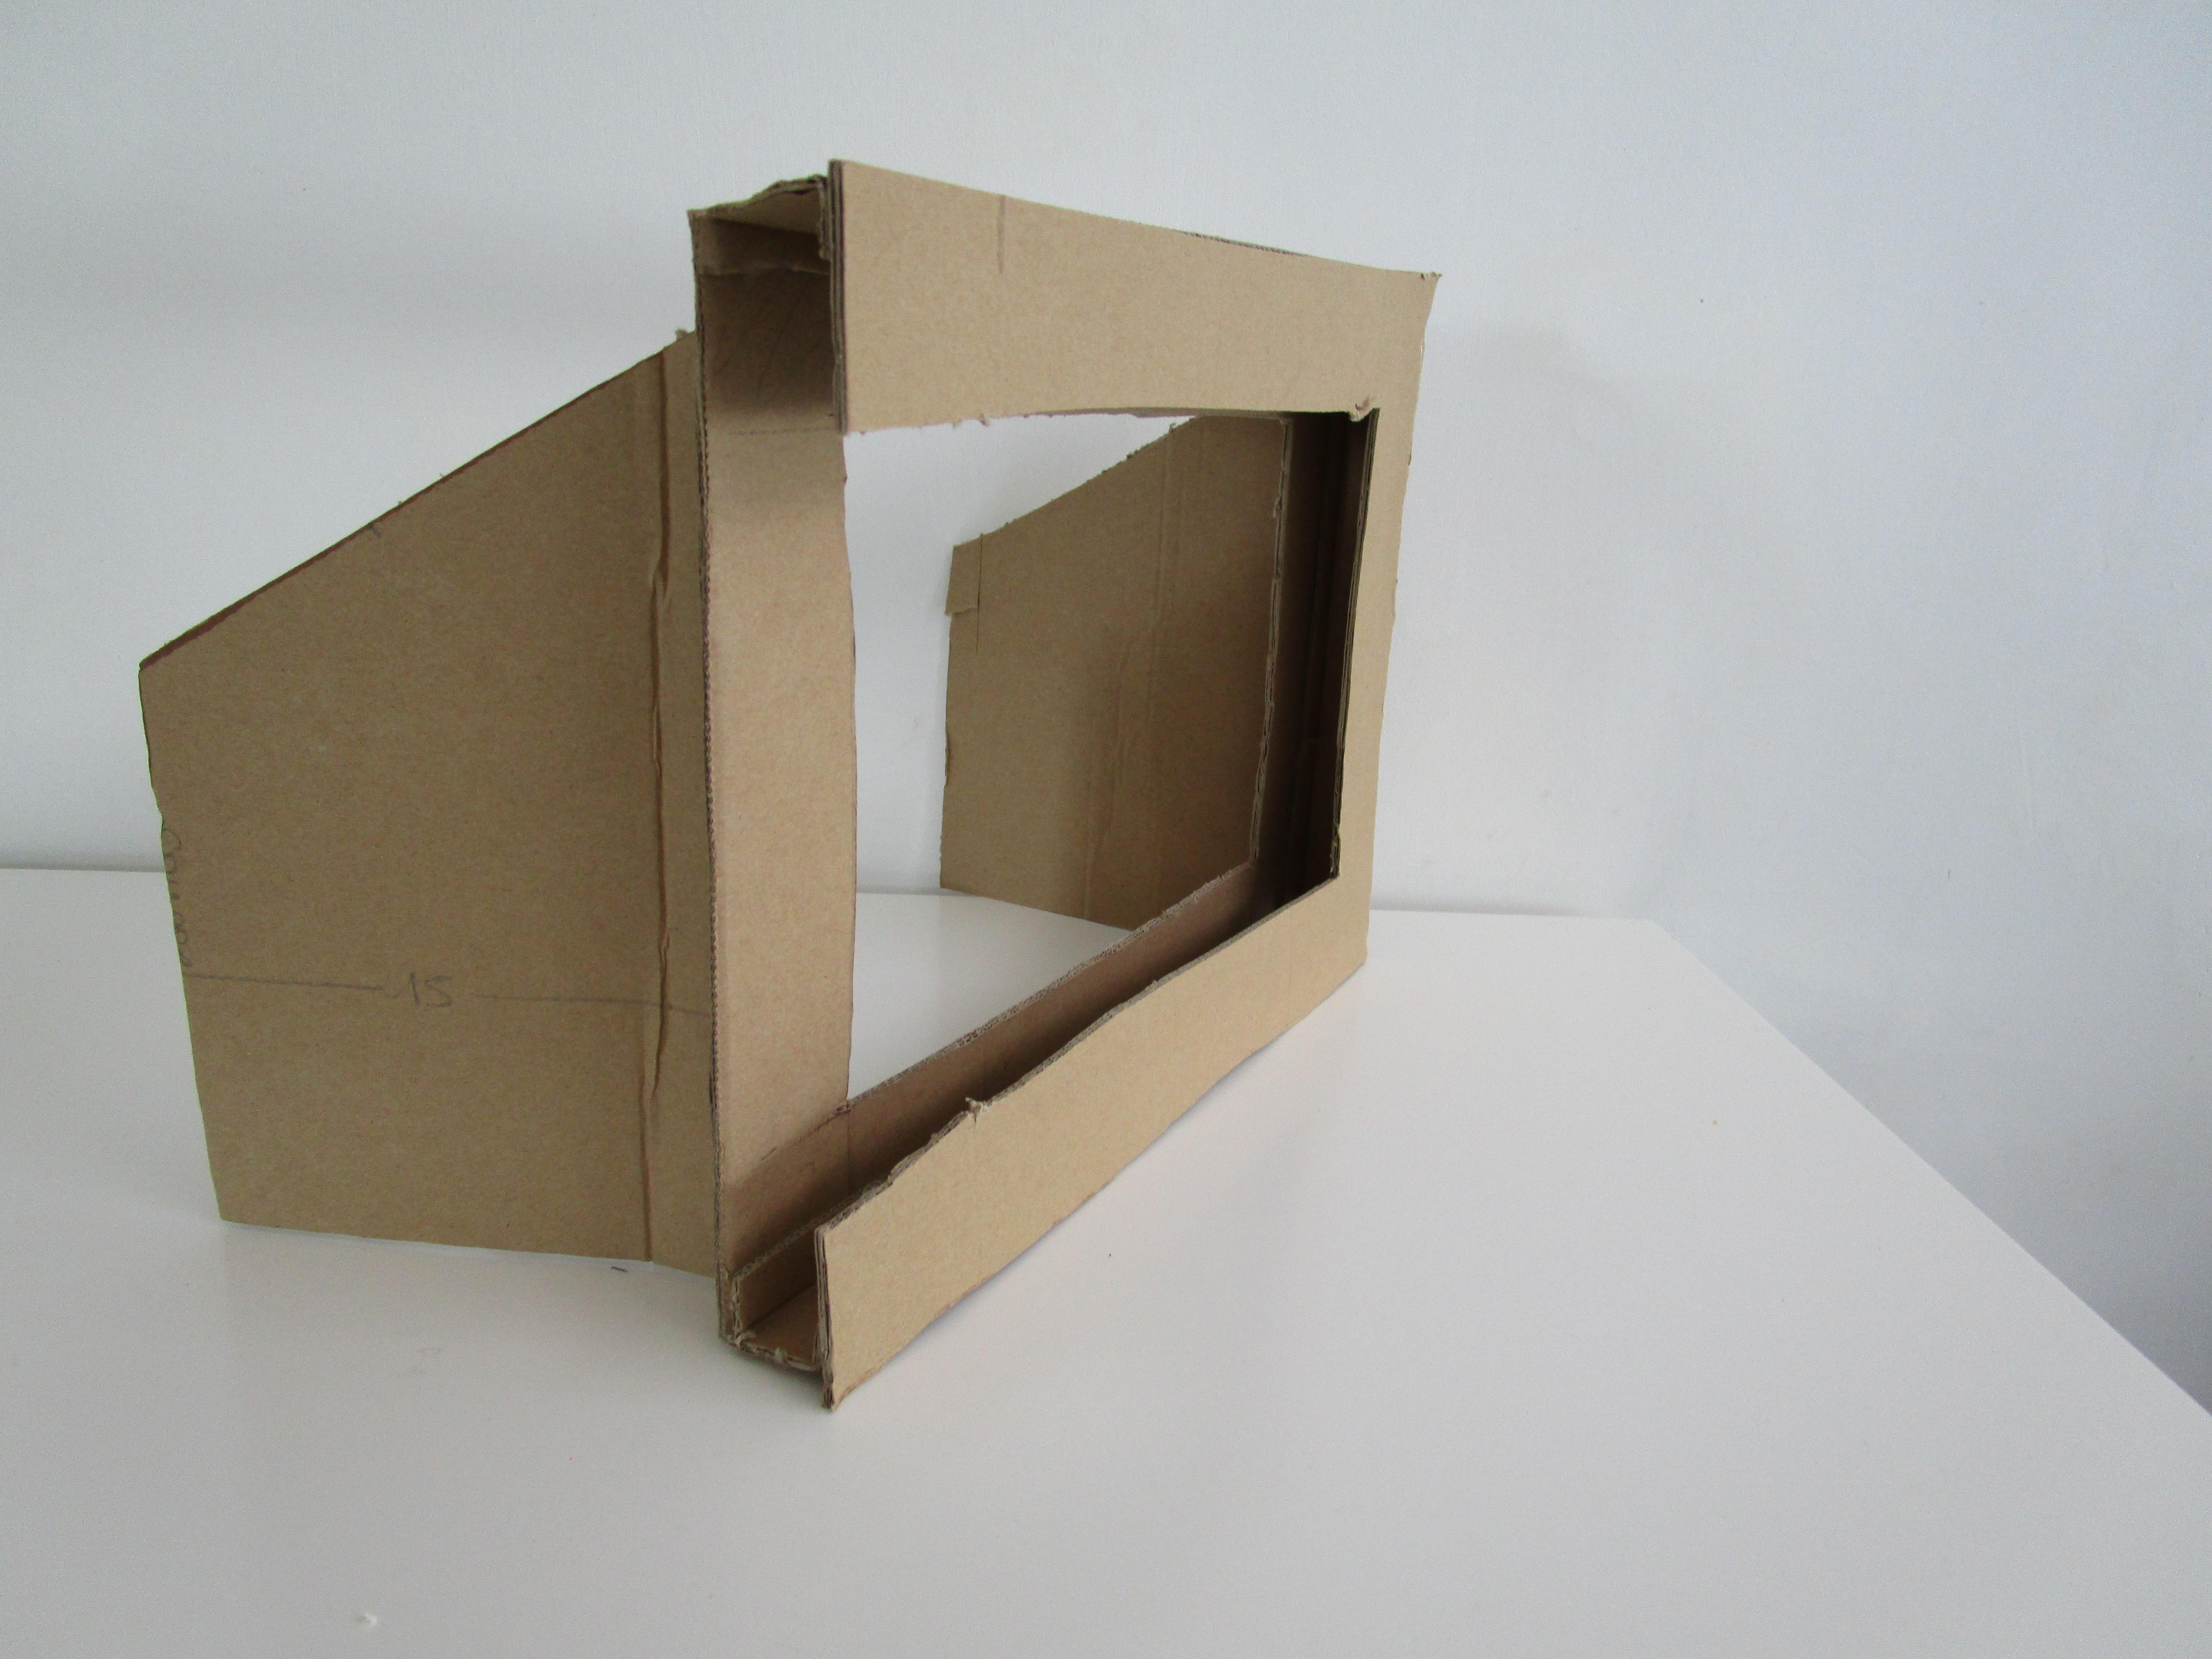 Comment Decorer Boite Carton